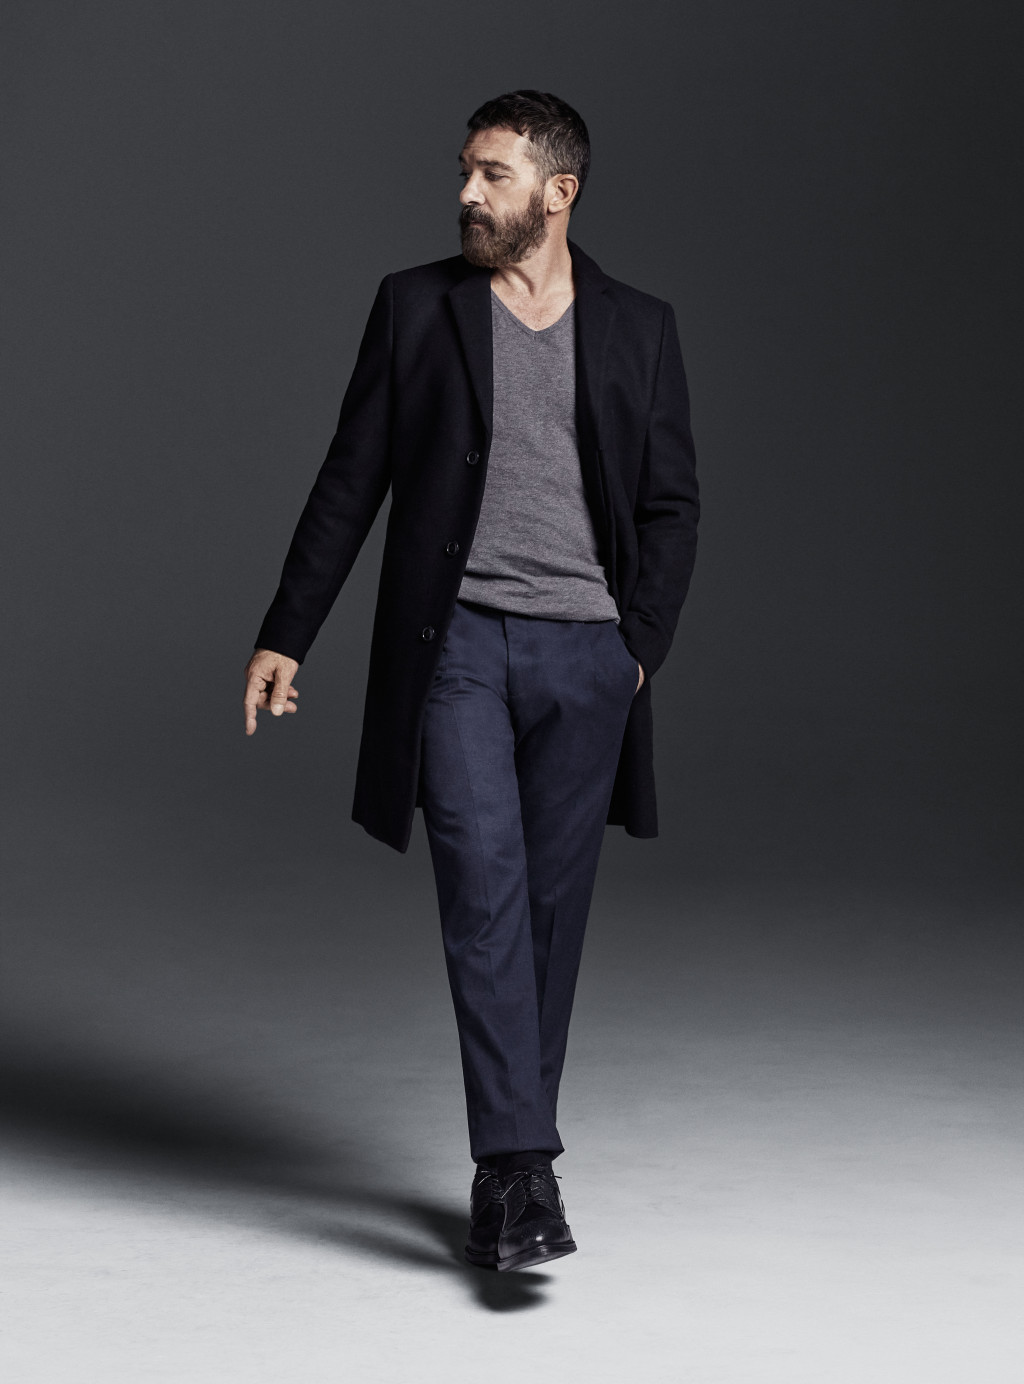 Antonio Banderas Fashion Design